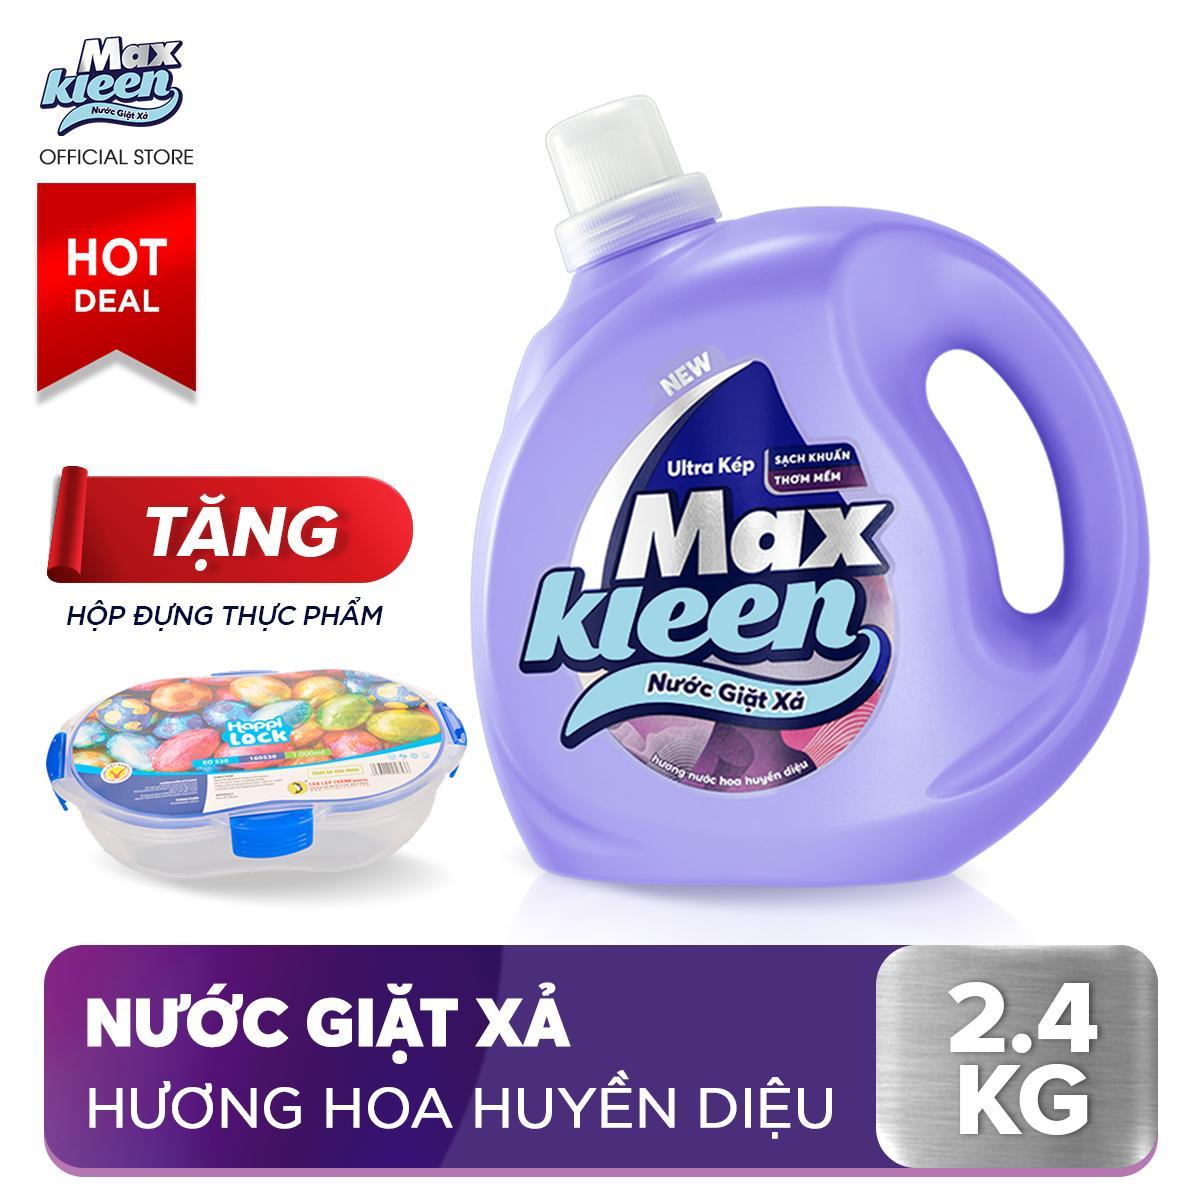 Chai nước giặt xả Maxkleen Hương Nước Hoa Huyền Diệu thơm mềm tiện lợi & tiết kiệm (2.4kg)+ Tặng Hộp đựng thực phẩm